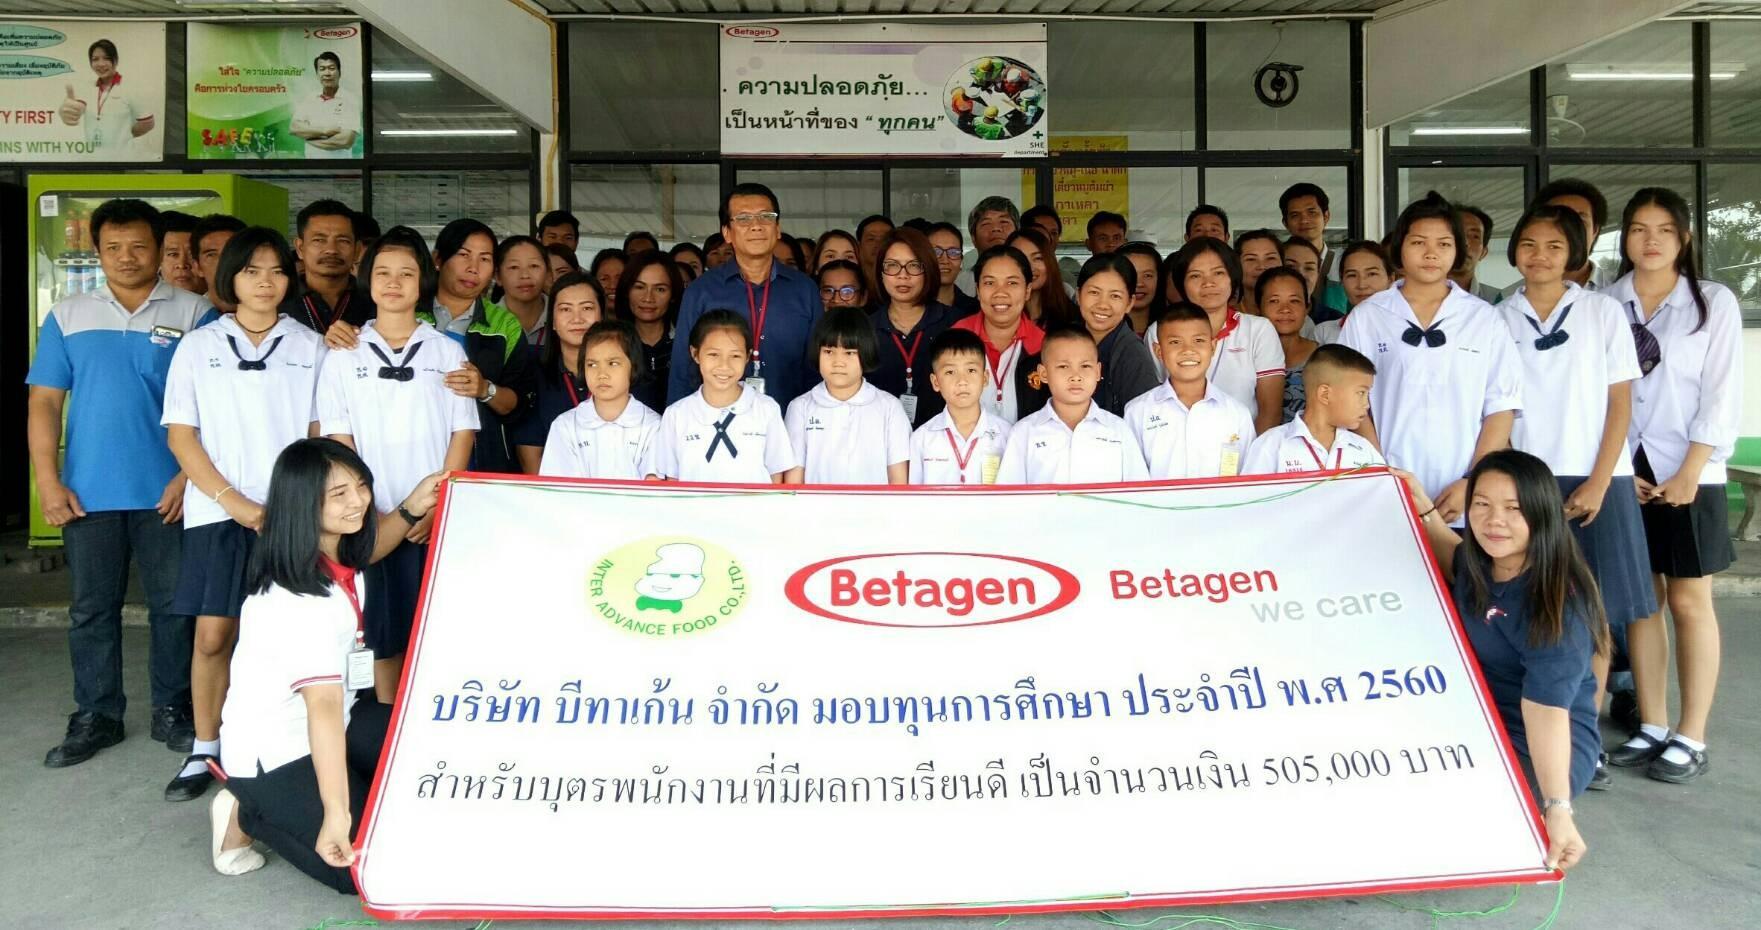 บีทาเก้นมอบทุนการศึกษา ประจำปีการศึกษา 2560